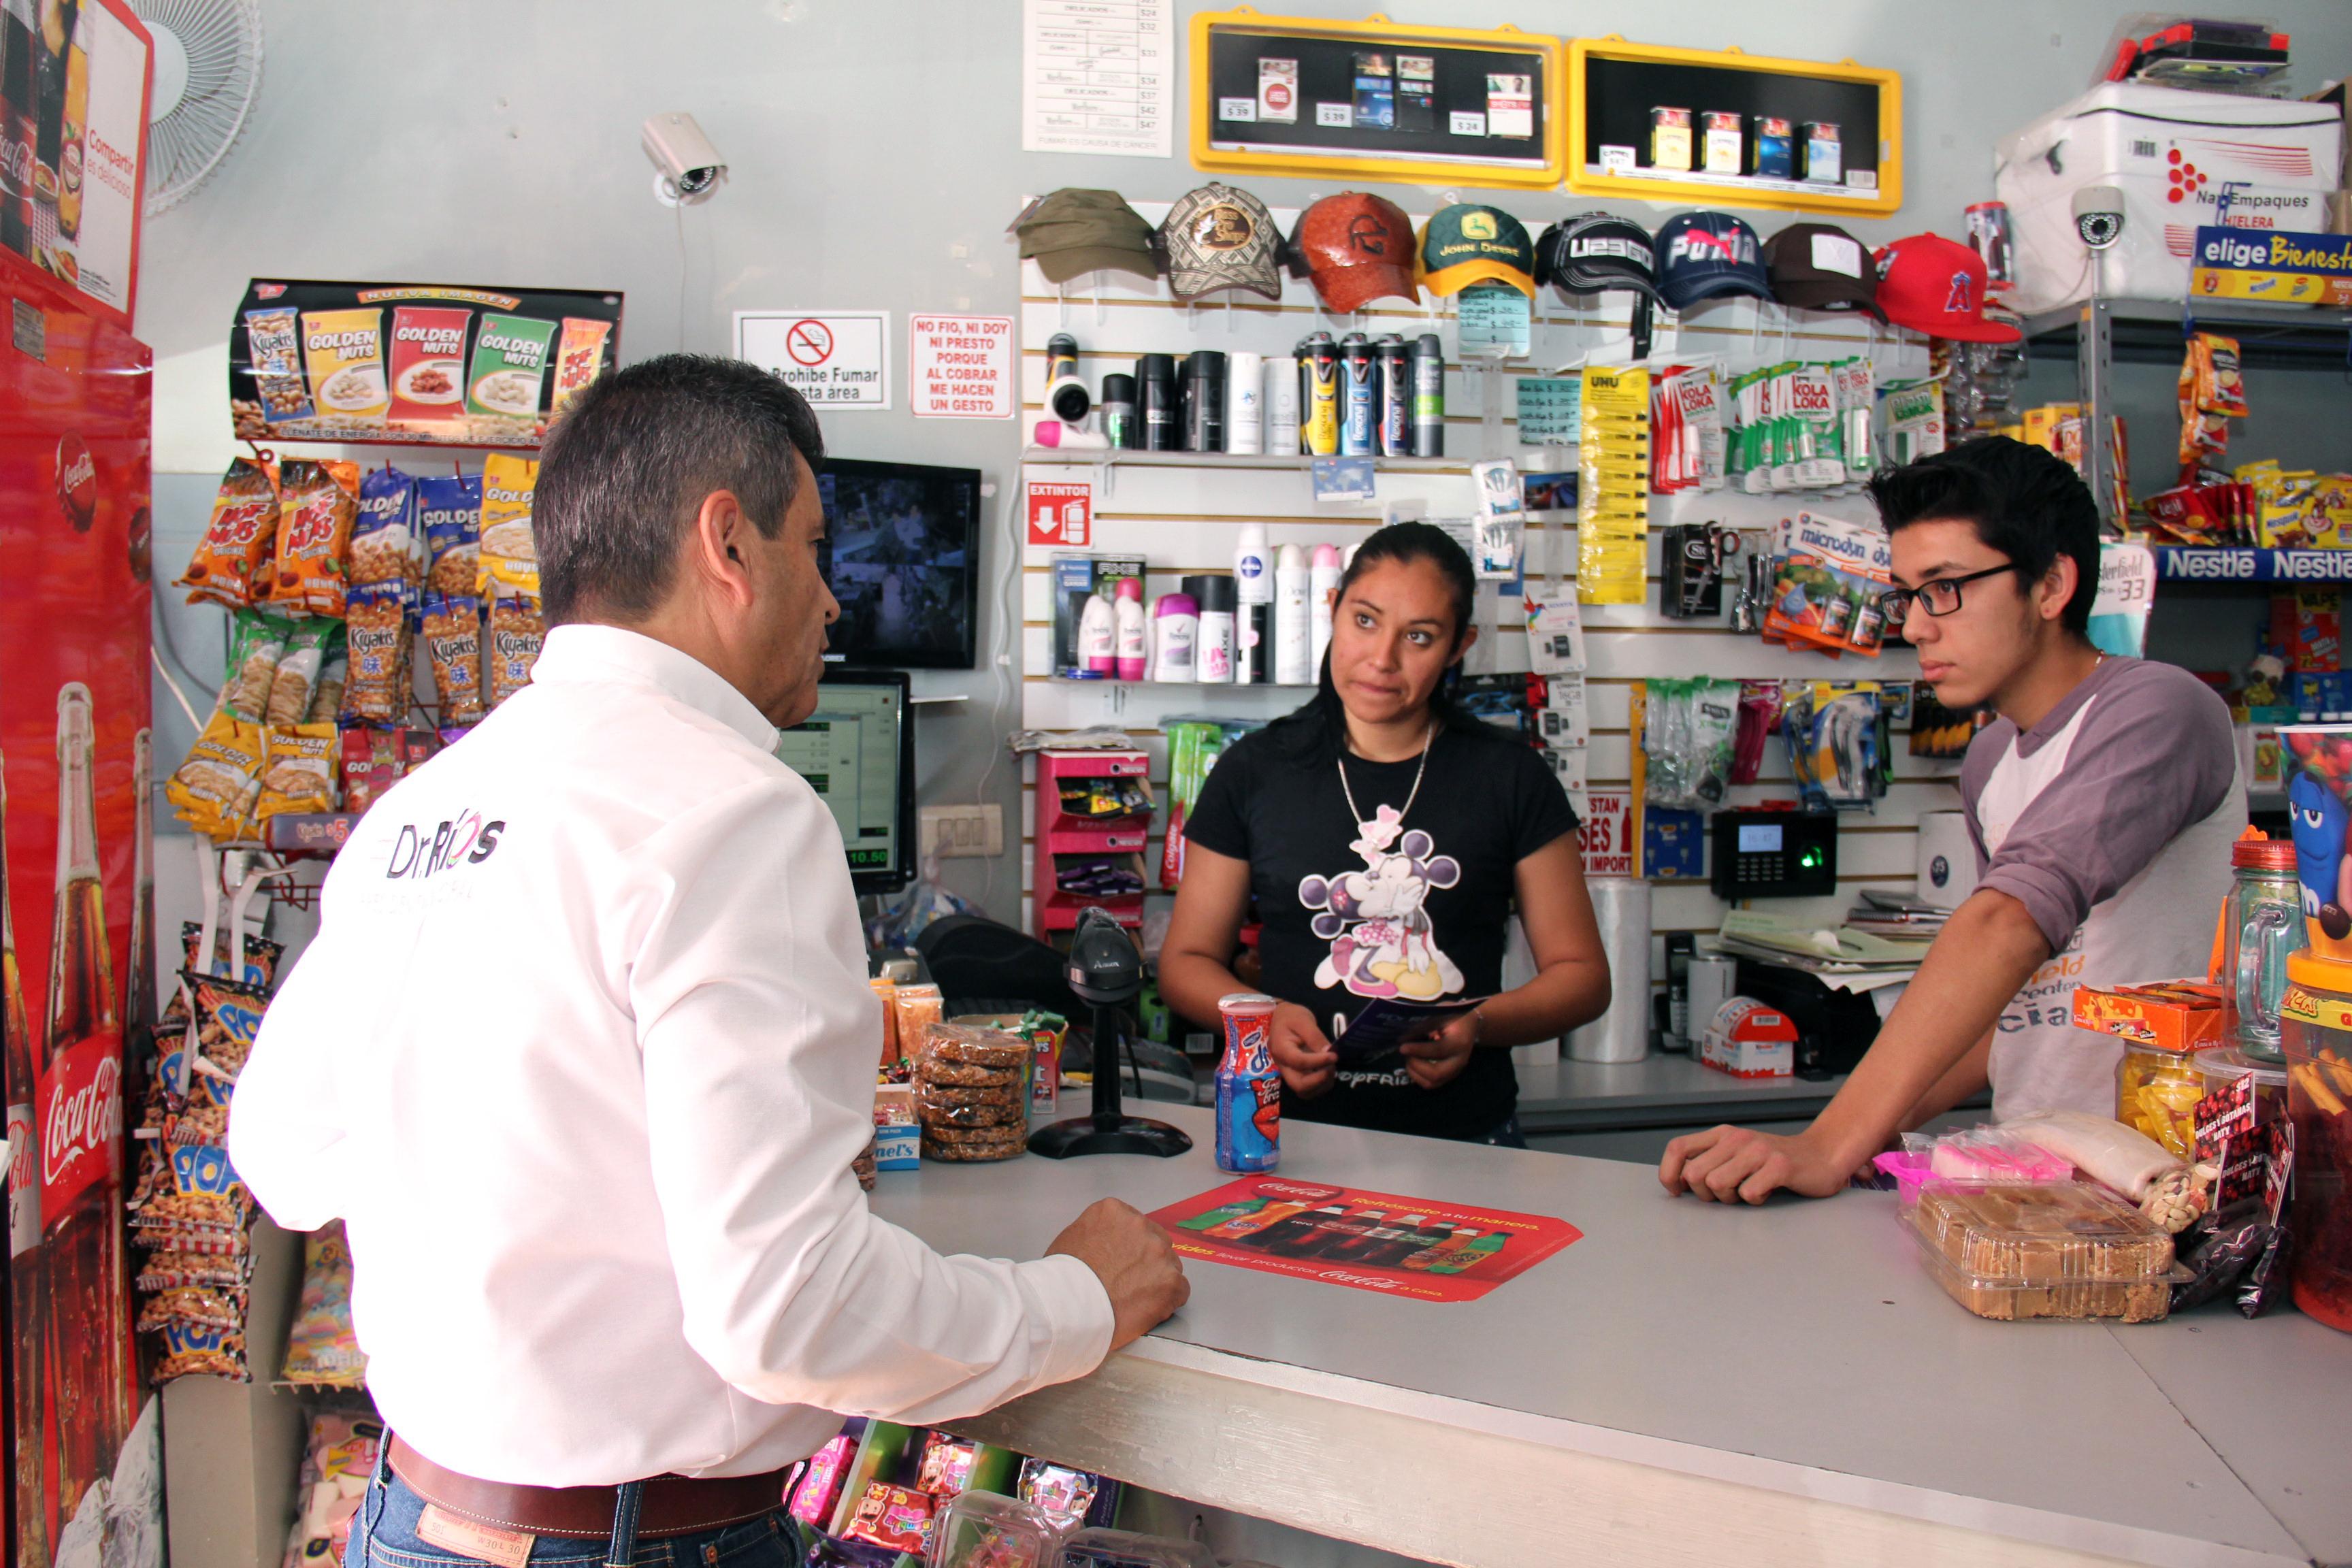 Serán los ciudadanos quienes decidan qué obras necesitan: Dr Ríos